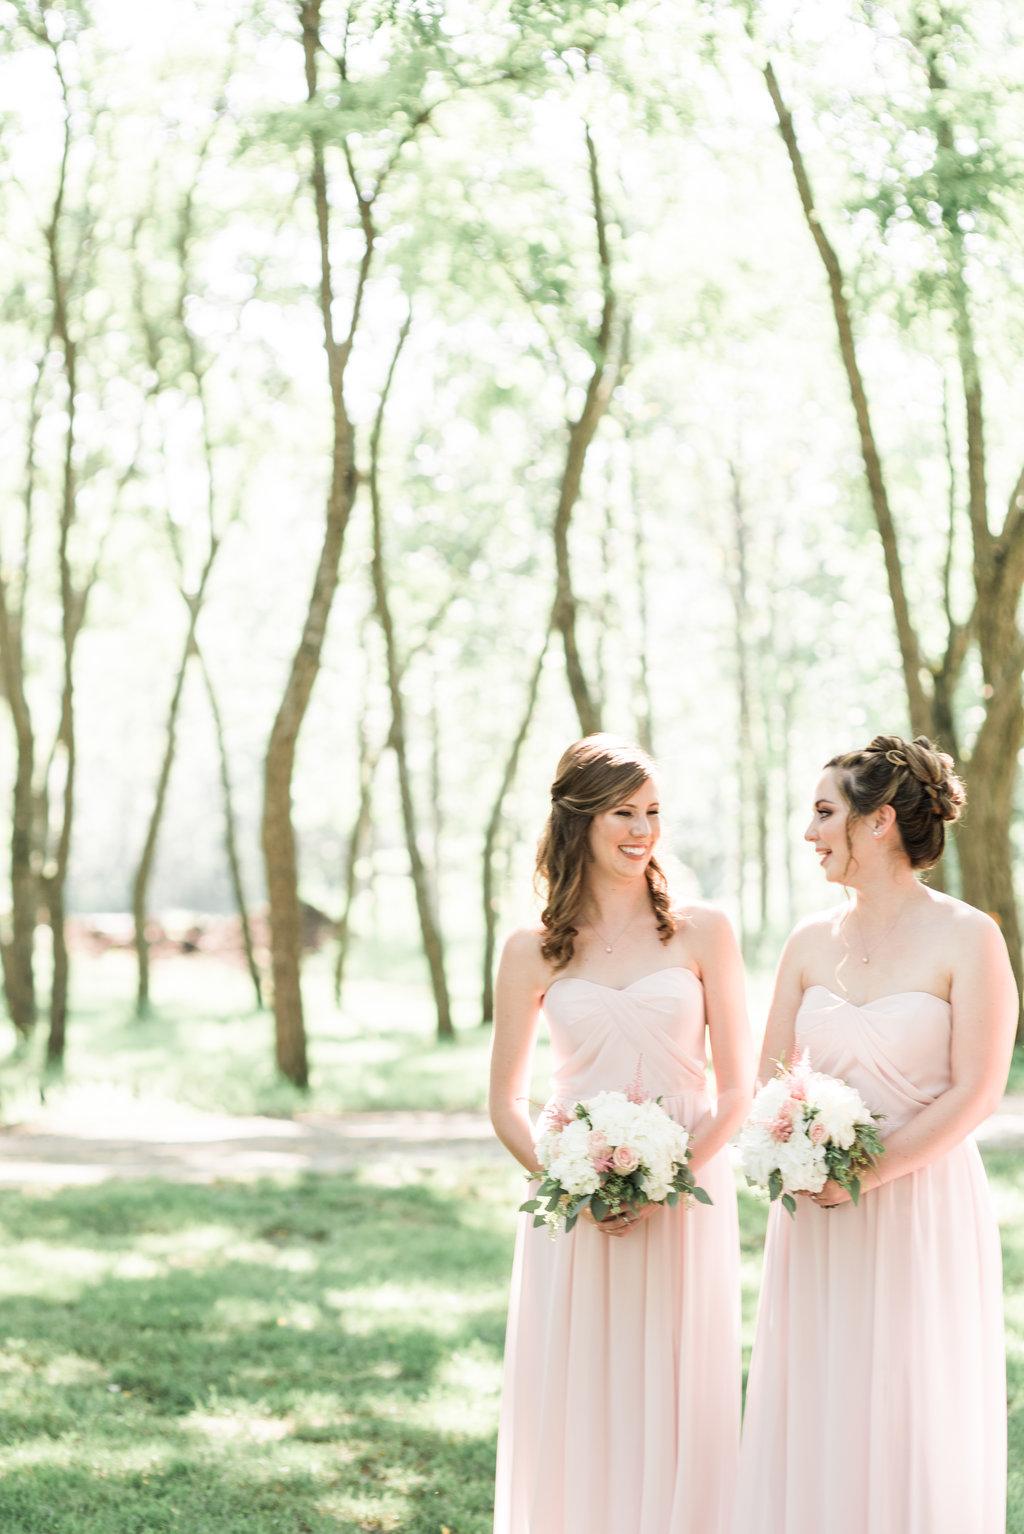 C&S - Summer Wedding at Stonefields - Ottawa Wedding Planner - 62